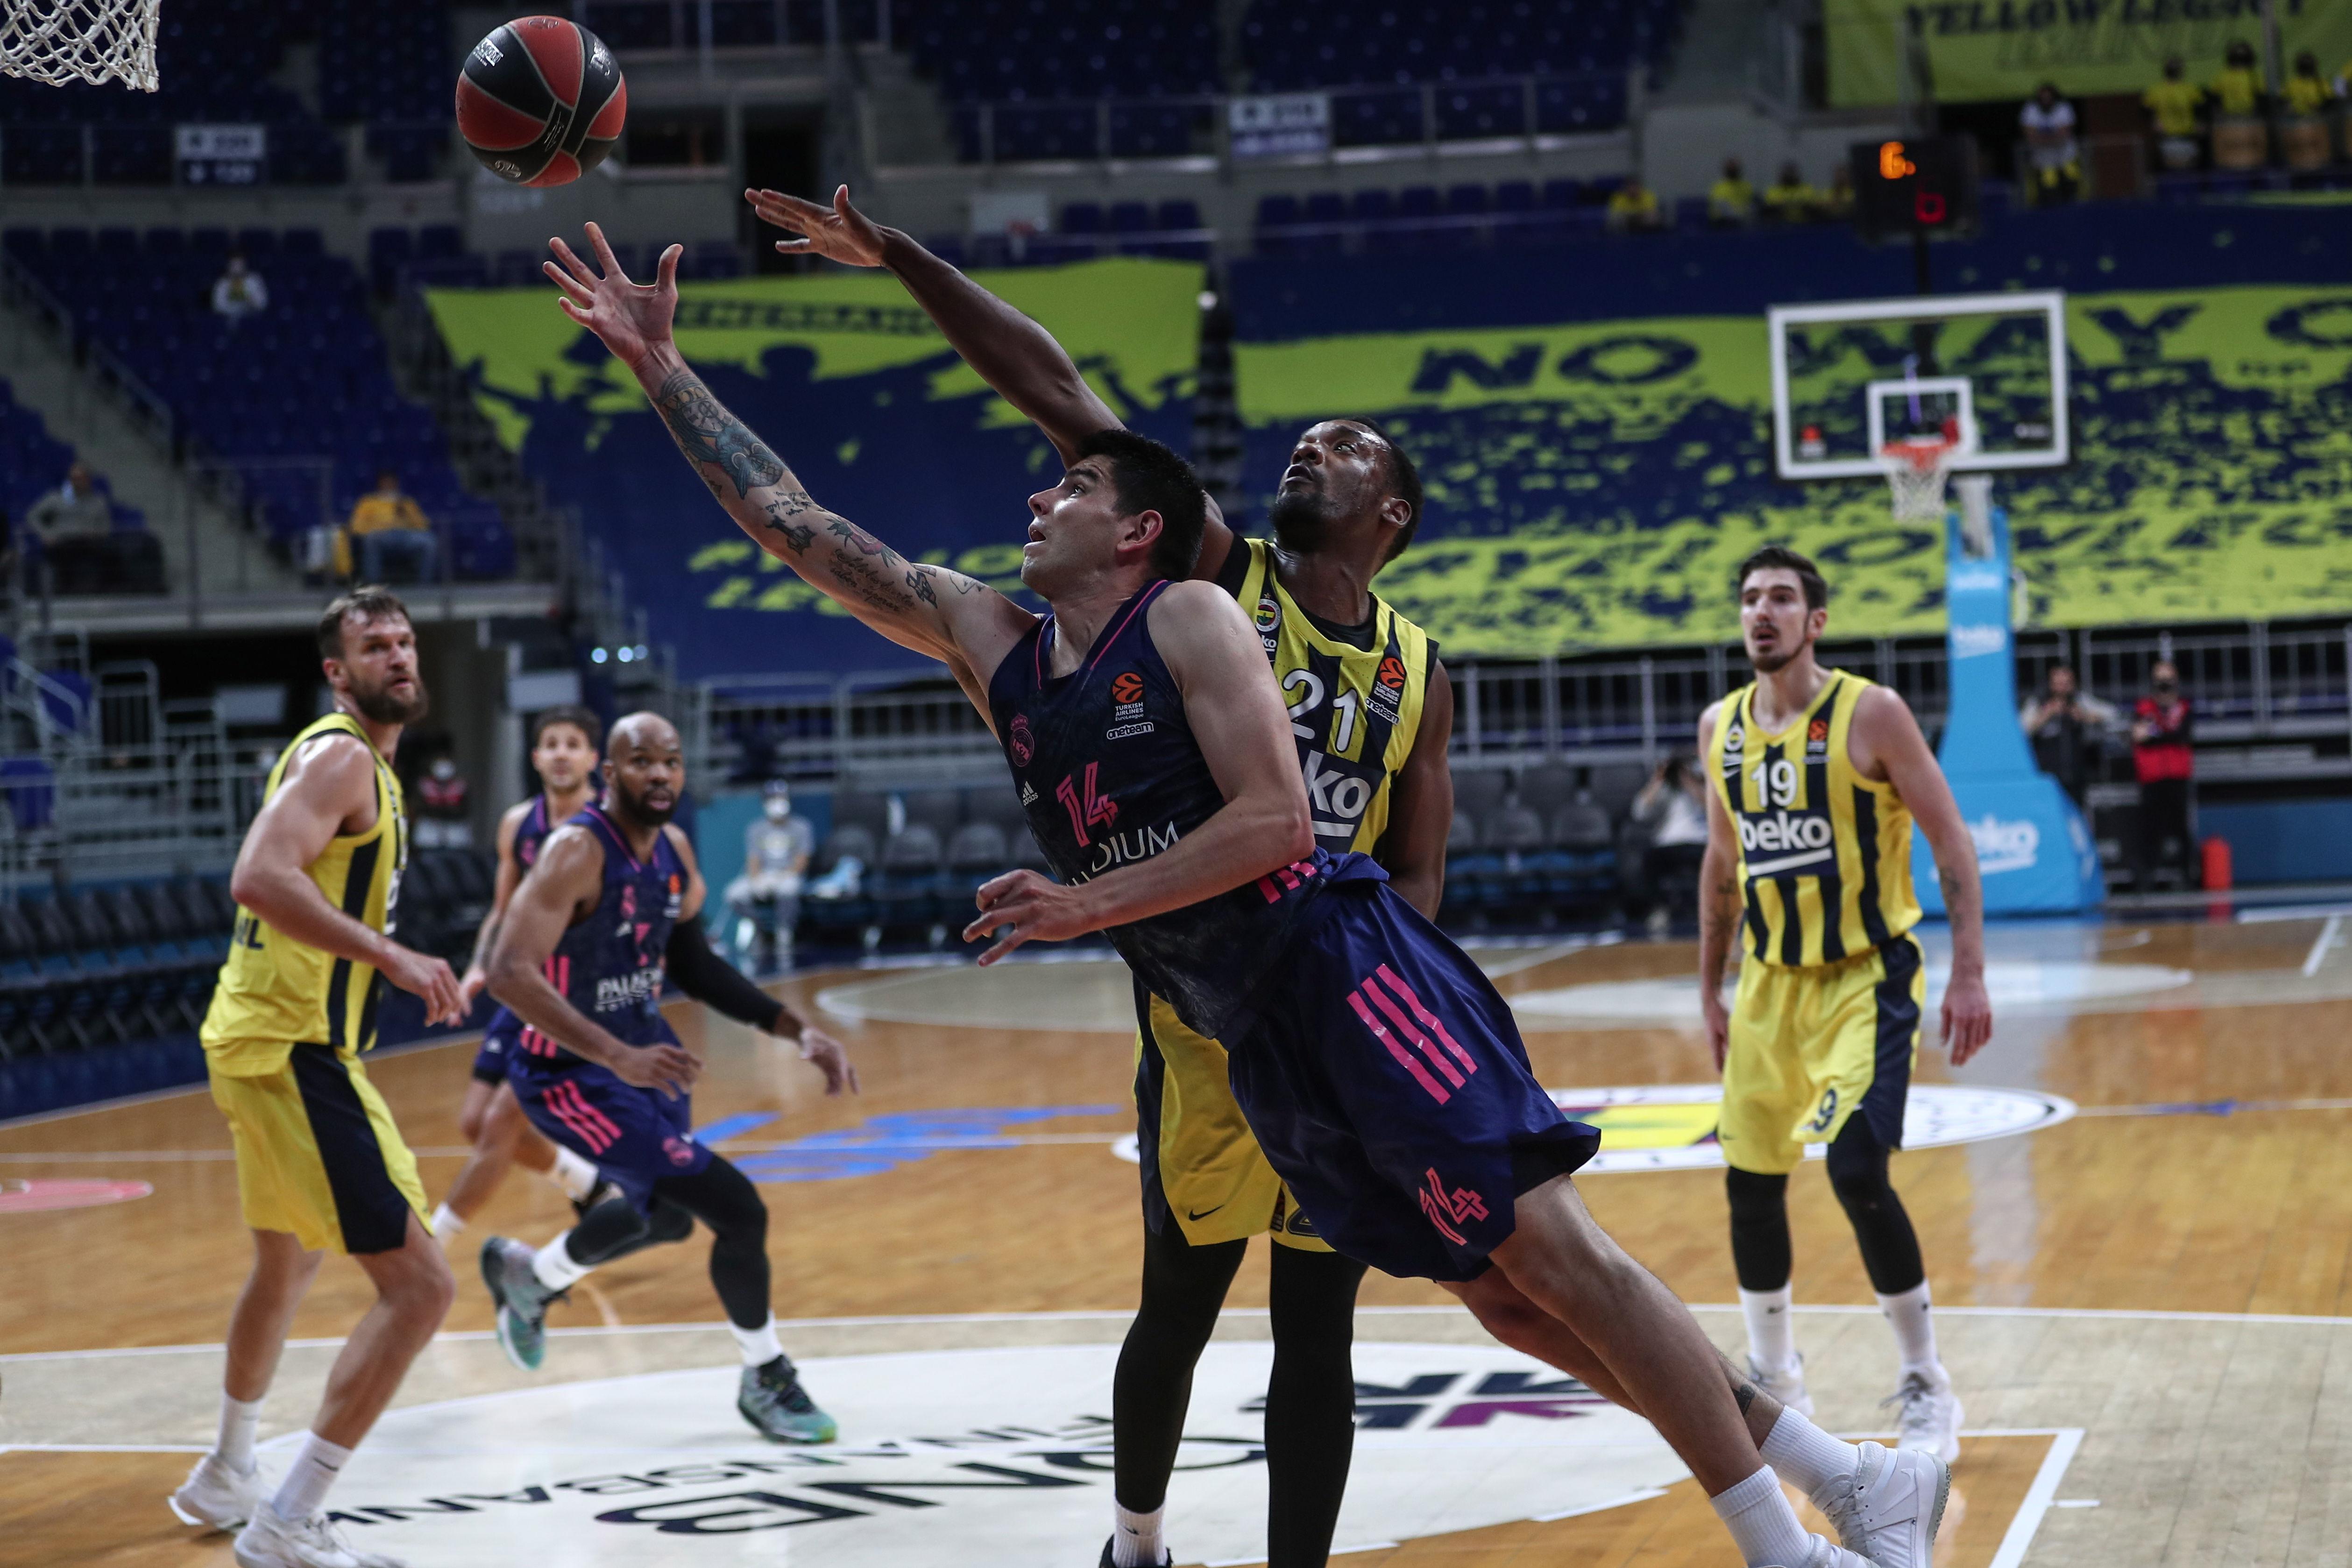 Deck anota ante Pierre, en el partido disputado en Estambul.